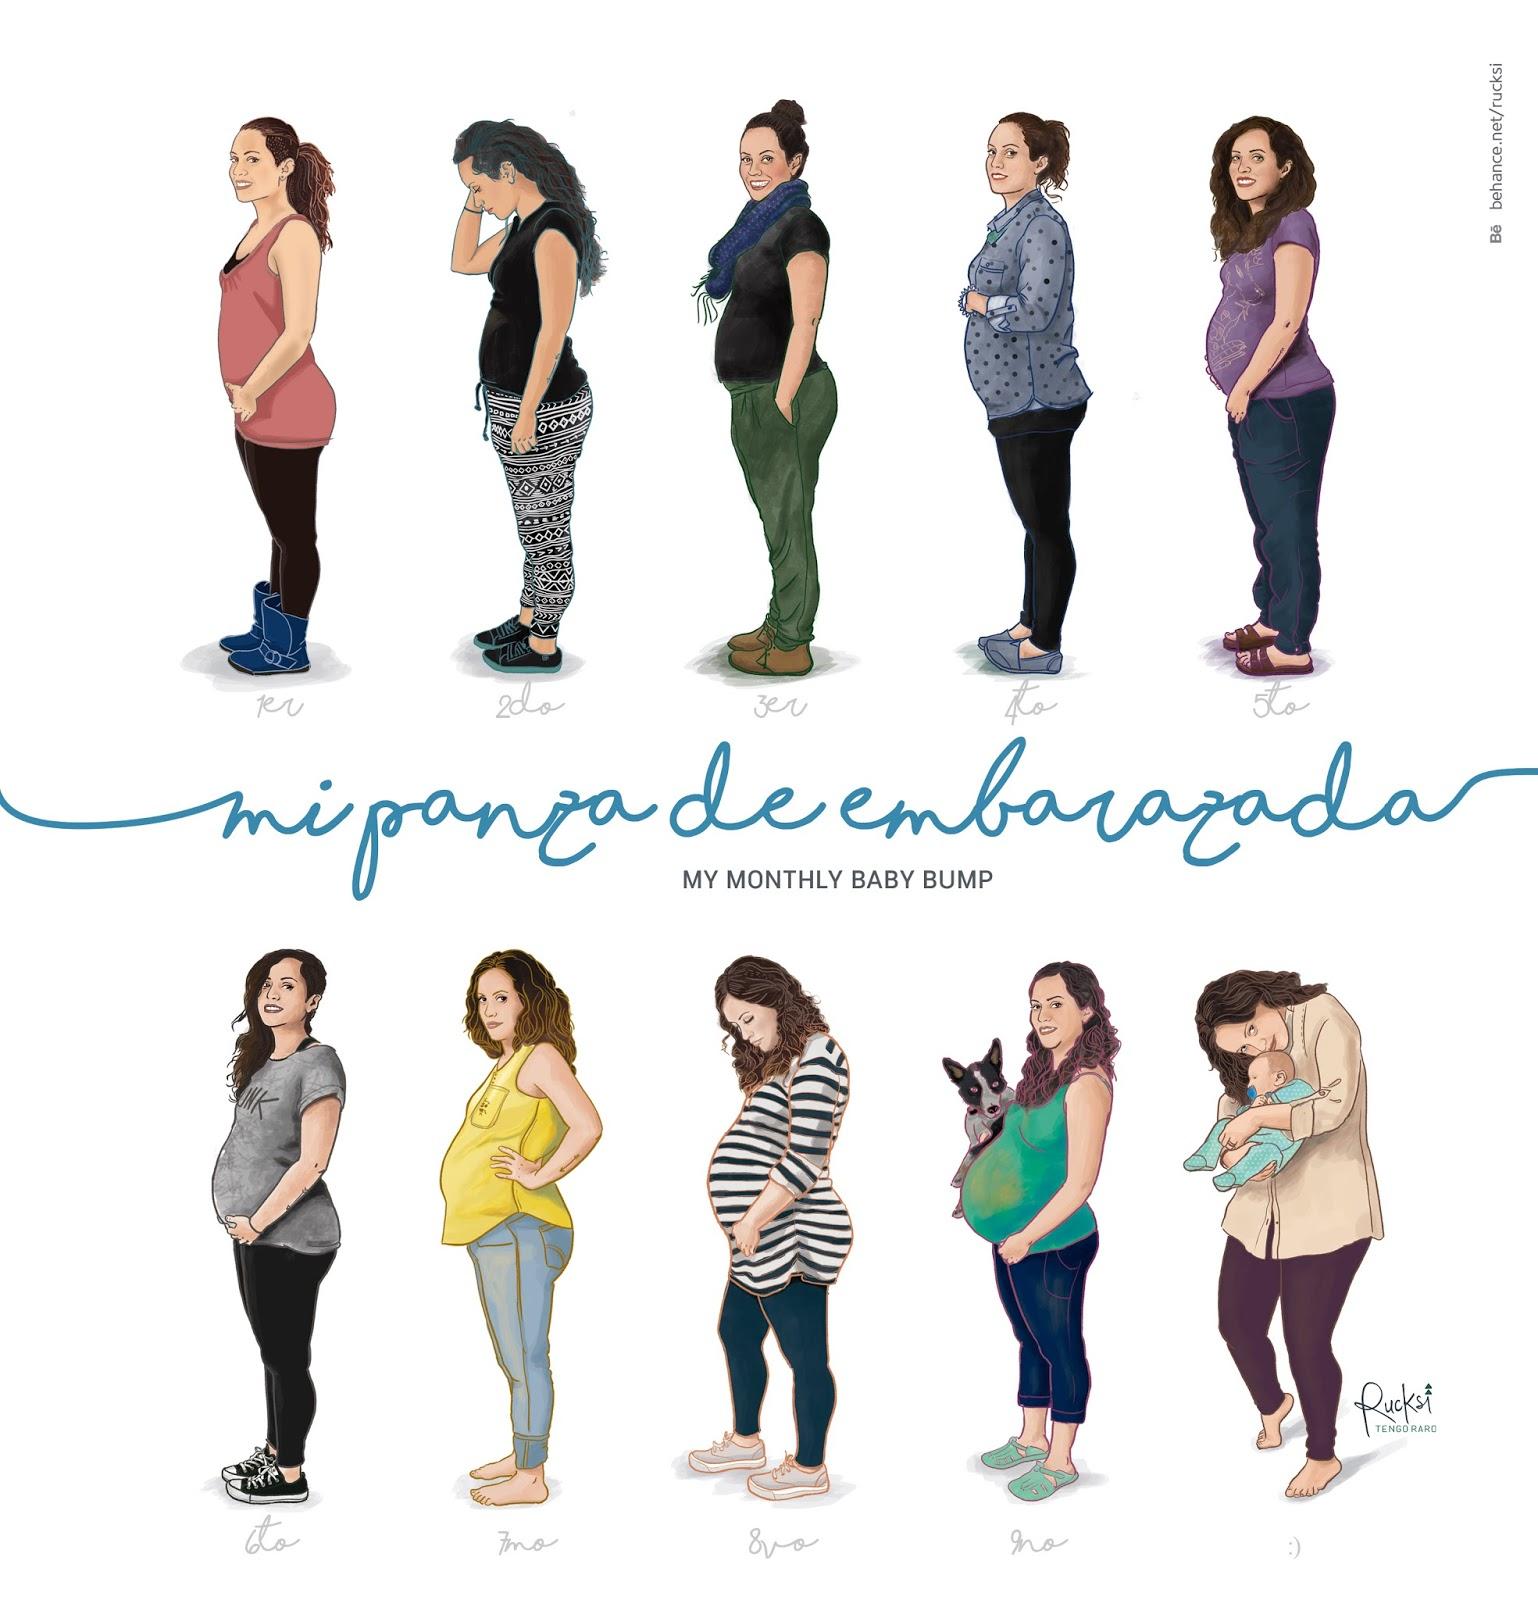 Rucksi tengoraro mi panza de embarazada - De cuantos meses estoy ...